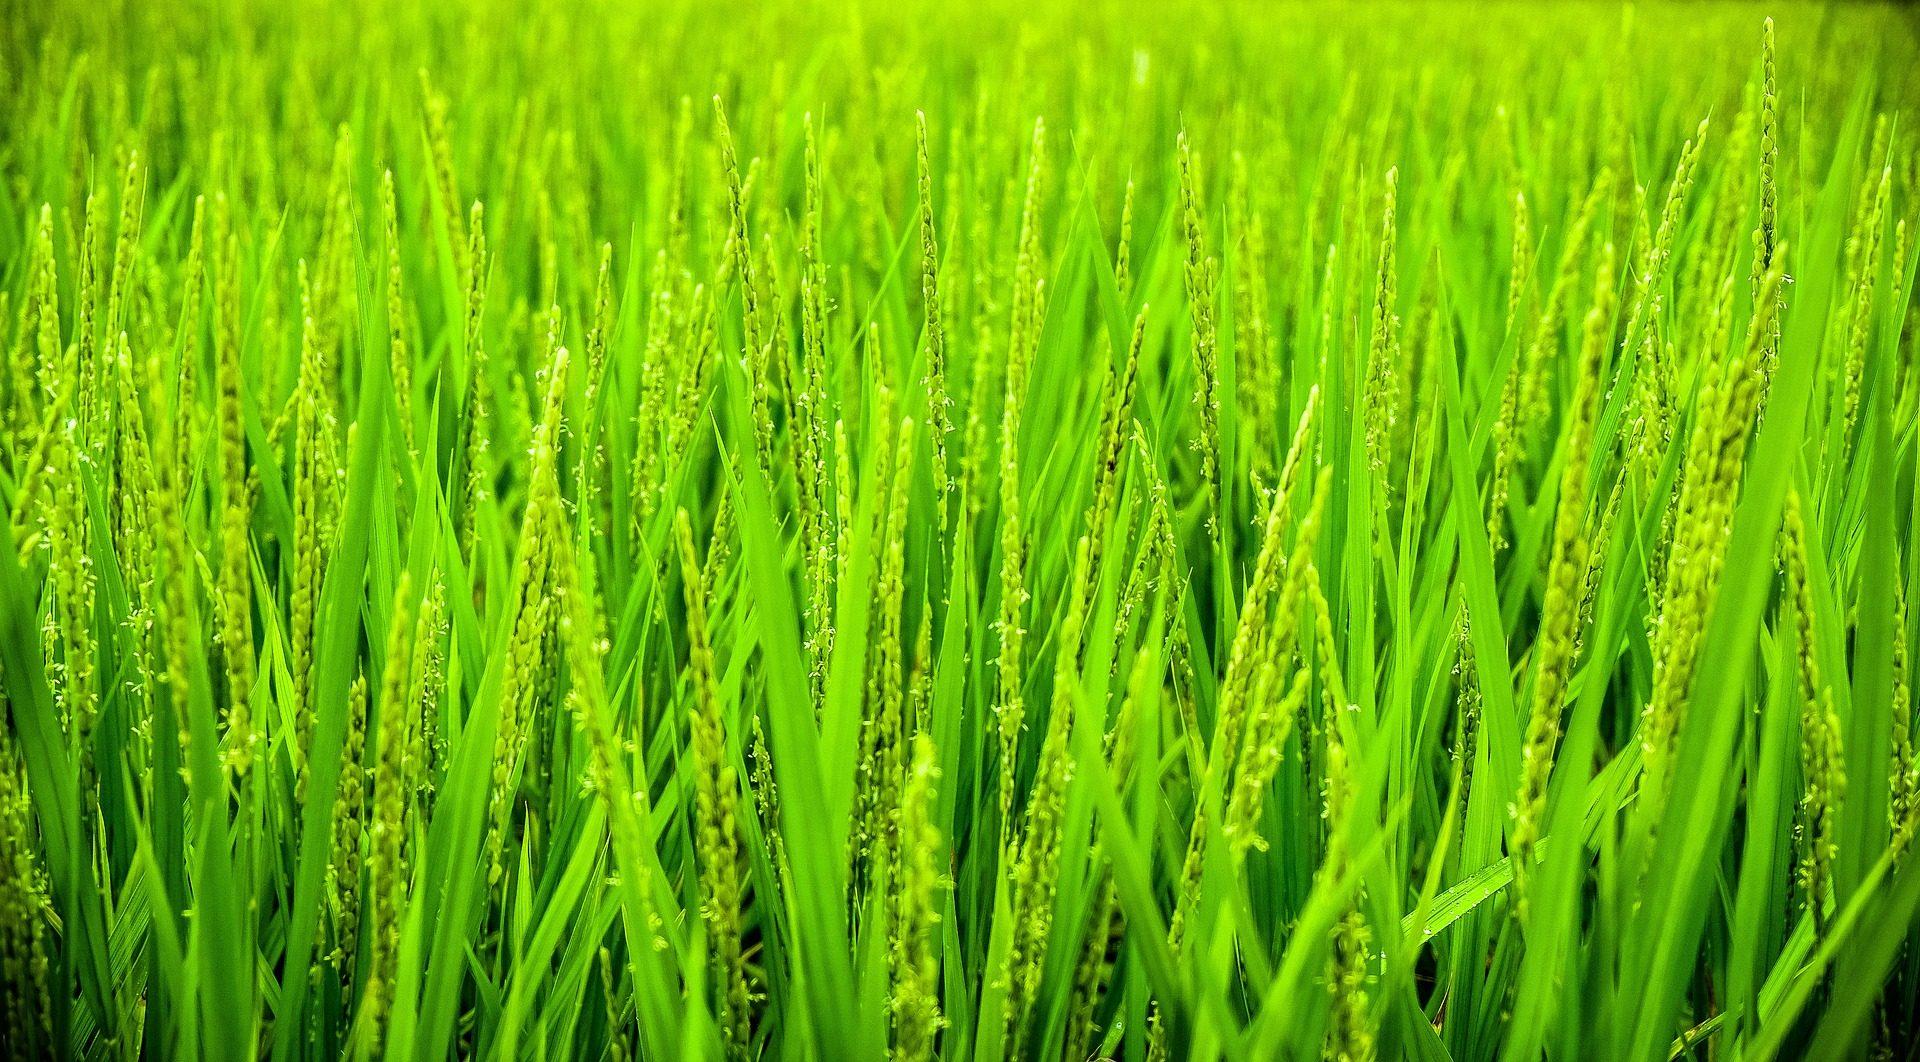 Weizen, Pflanzen, Feld, Anbau, Vegetation - Wallpaper HD - Prof.-falken.com